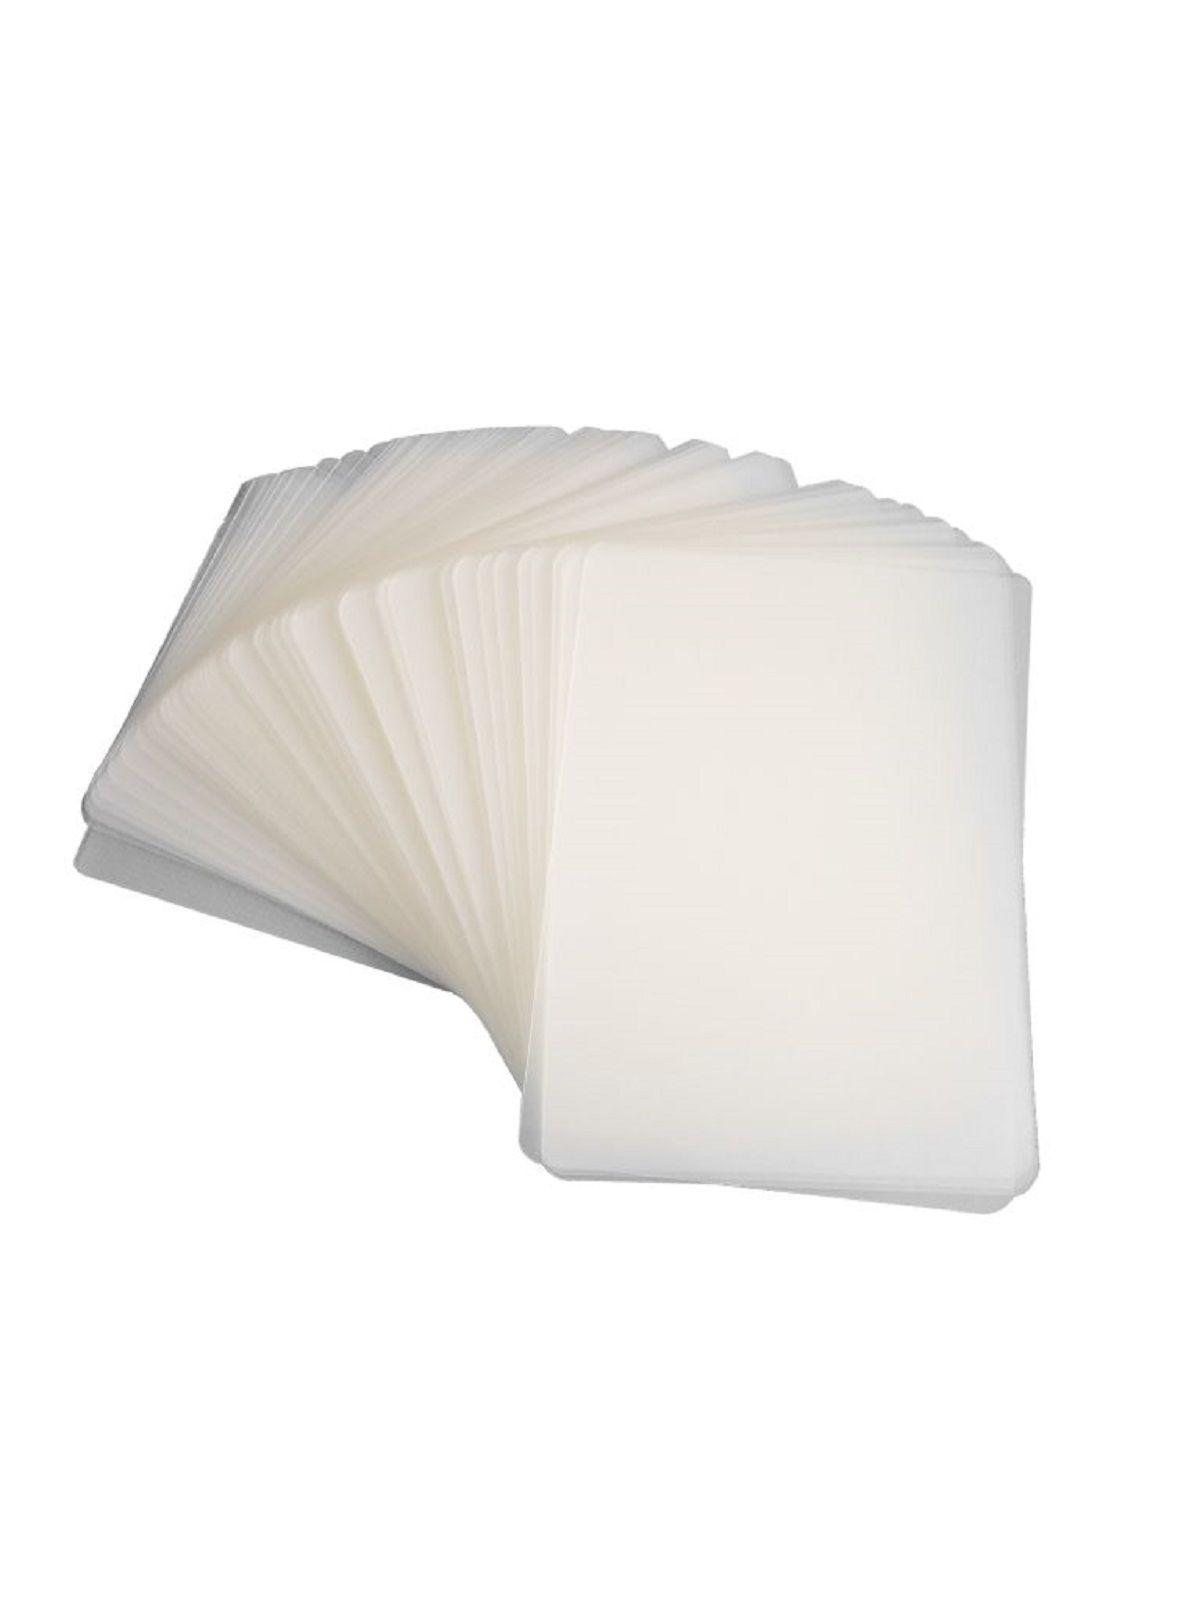 Kit 1000 Plásticos Polaseal para Plastificação CGC 110x170x0,10mm (250 micras)  - Click Suprimentos